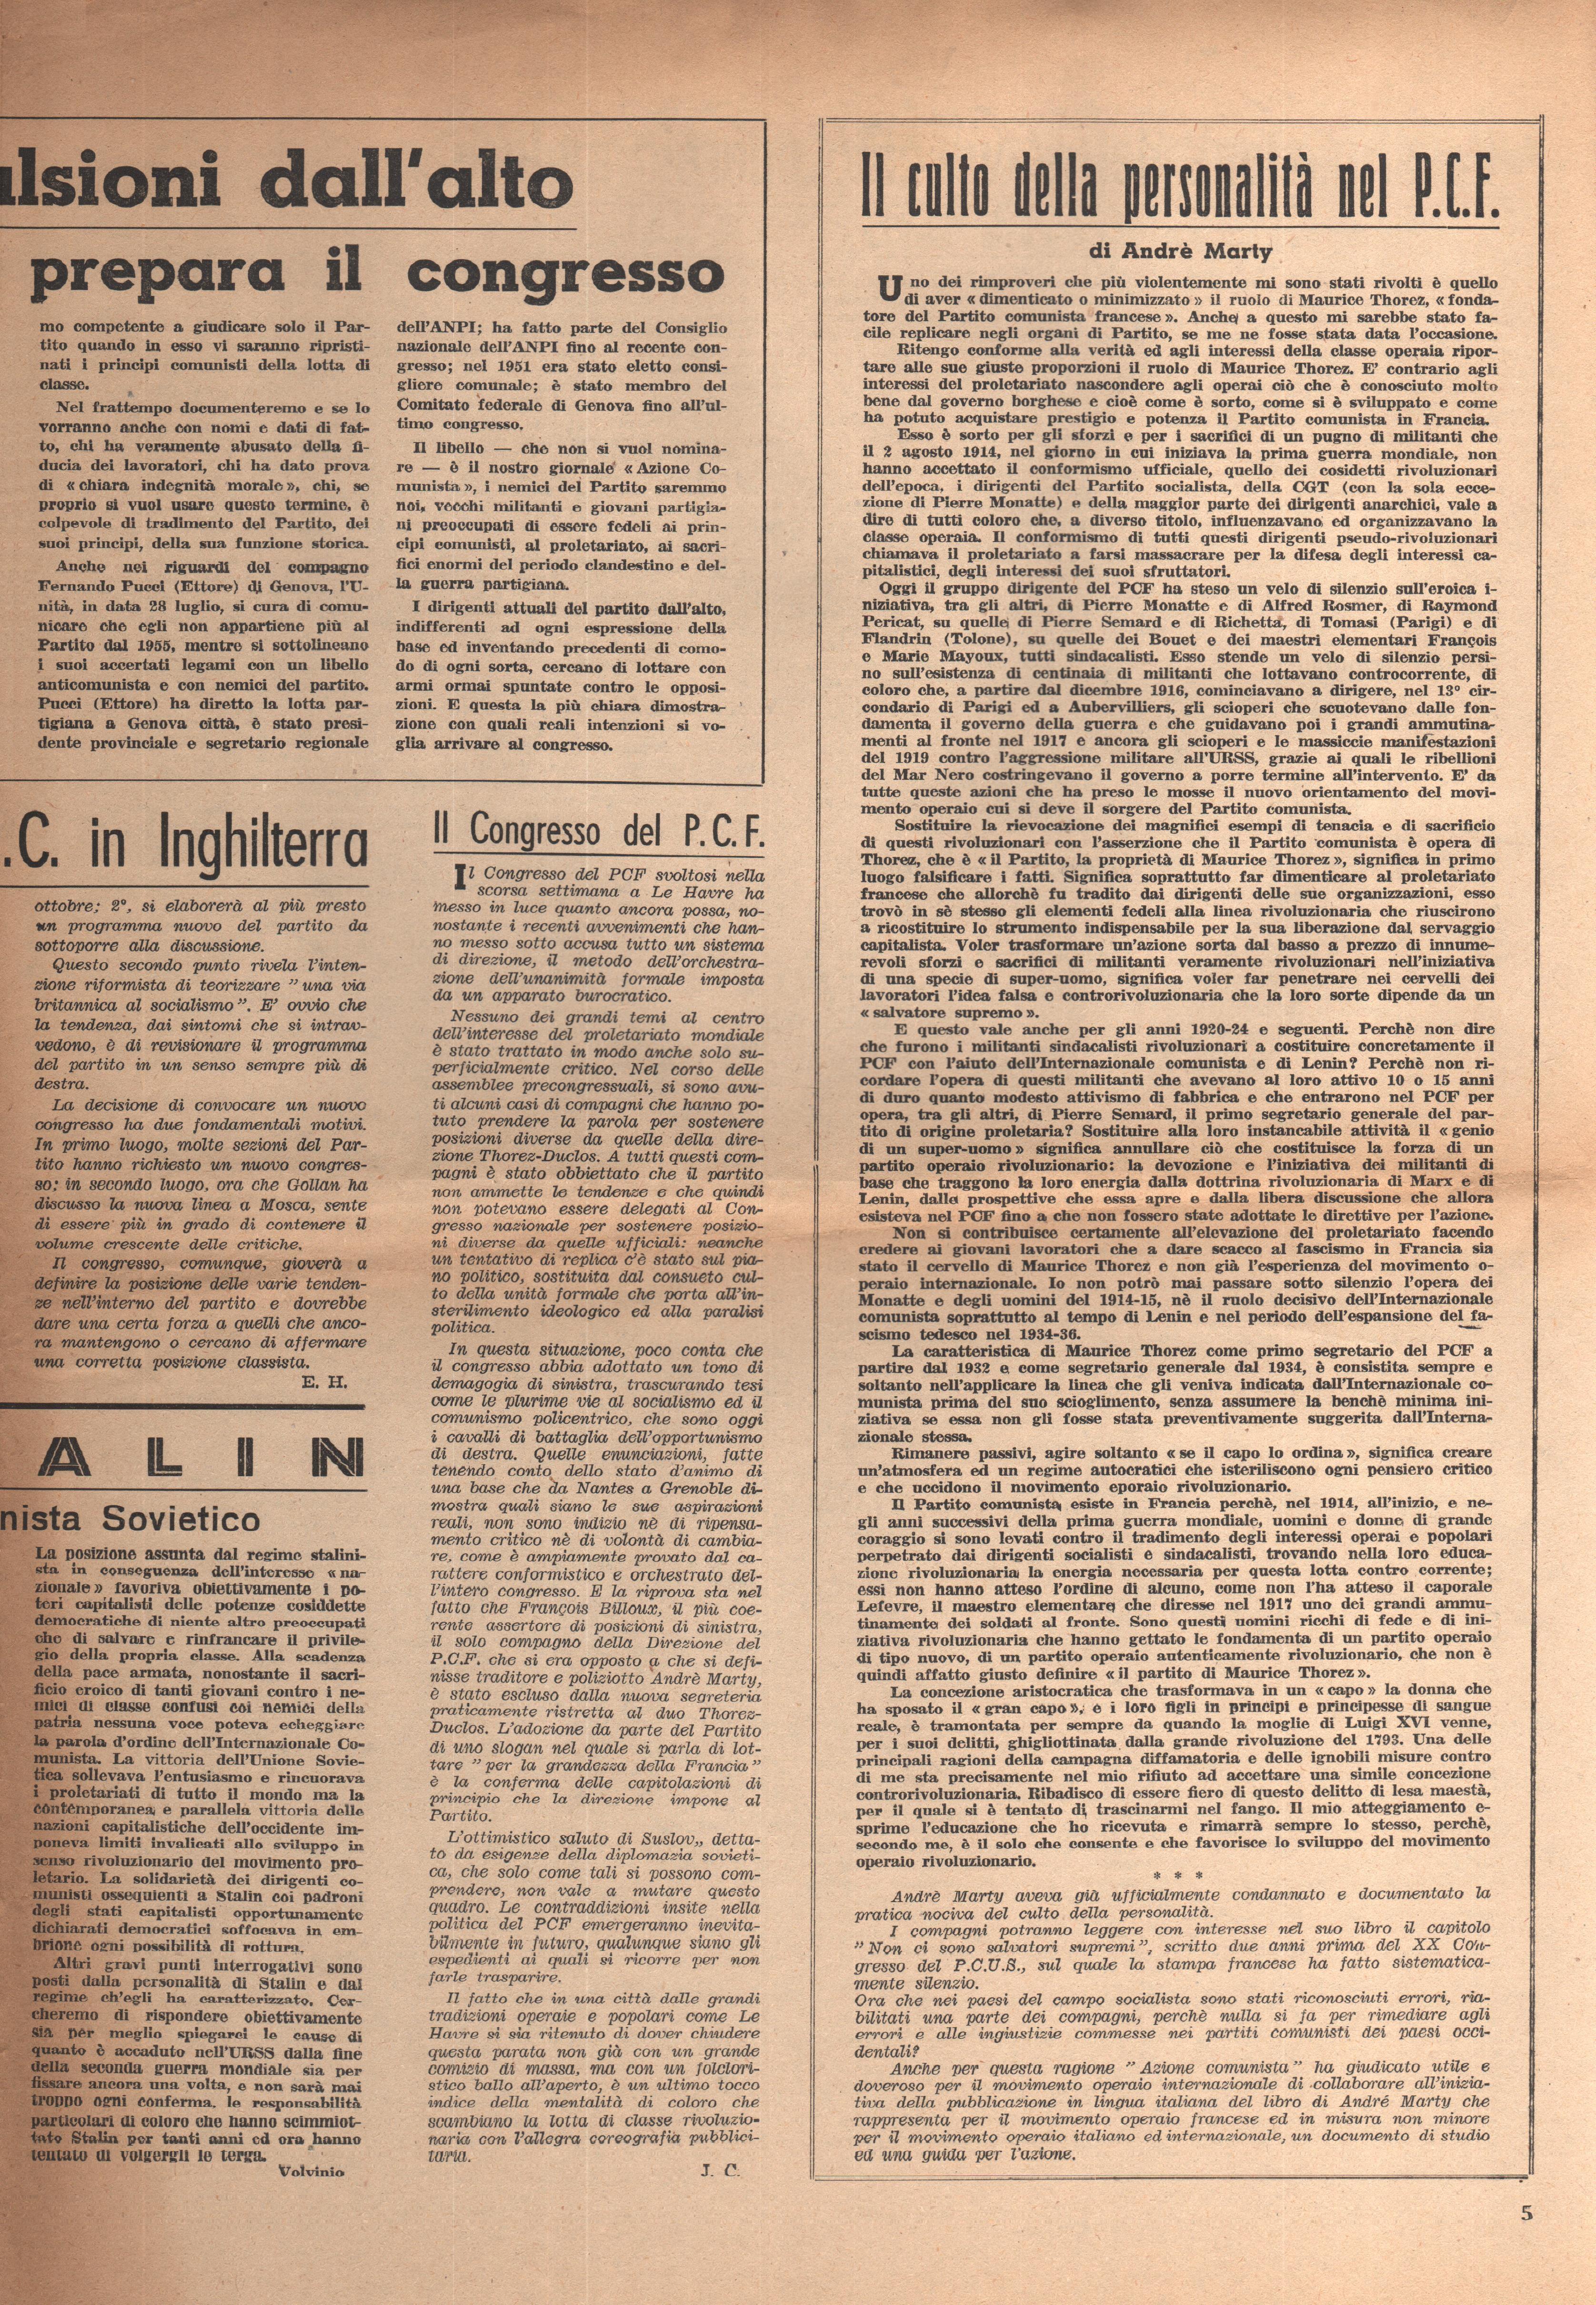 L'Azione Comunista n. 3 - pag. 5